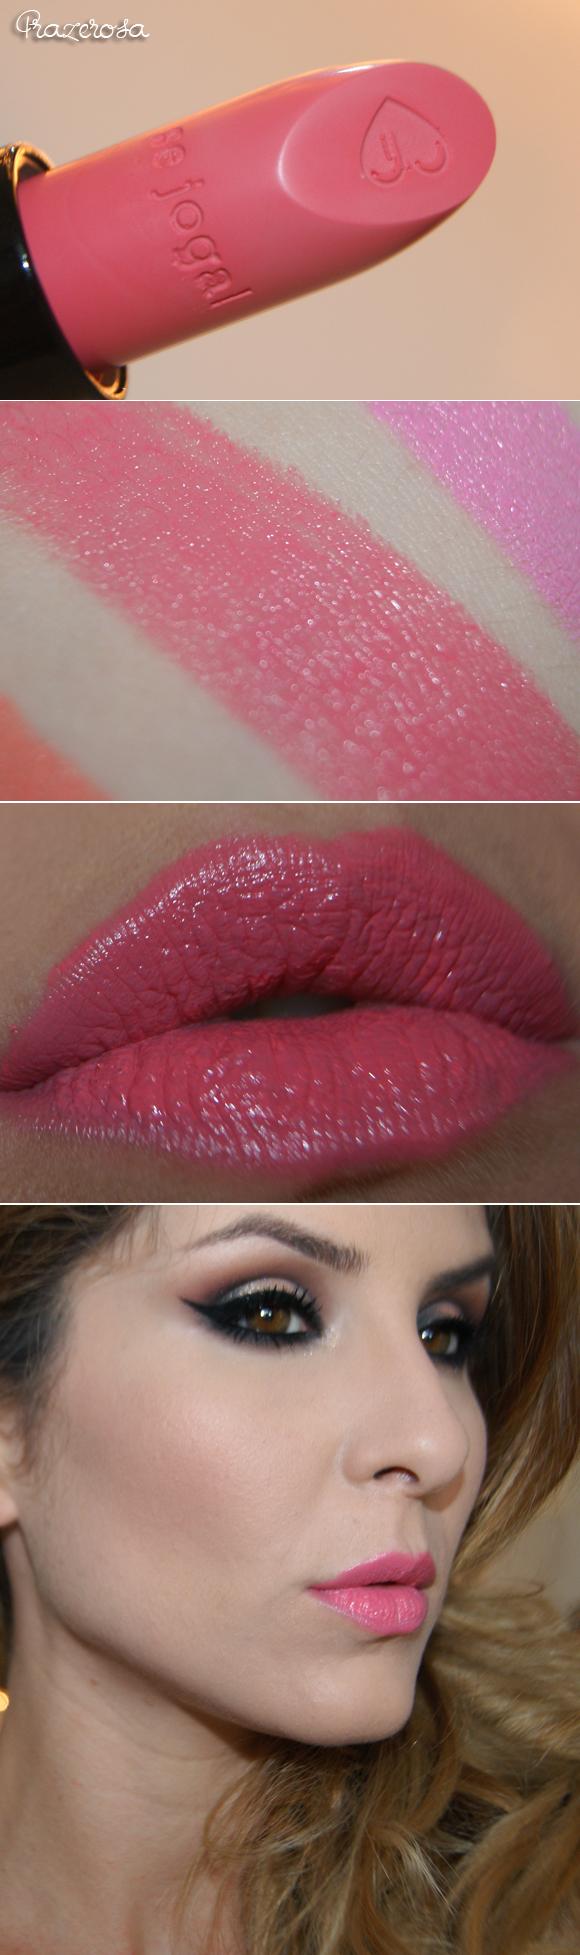 batom quem disse, berenice? coleção praiana http://www.cacau-makeup.blogspot.com.br/